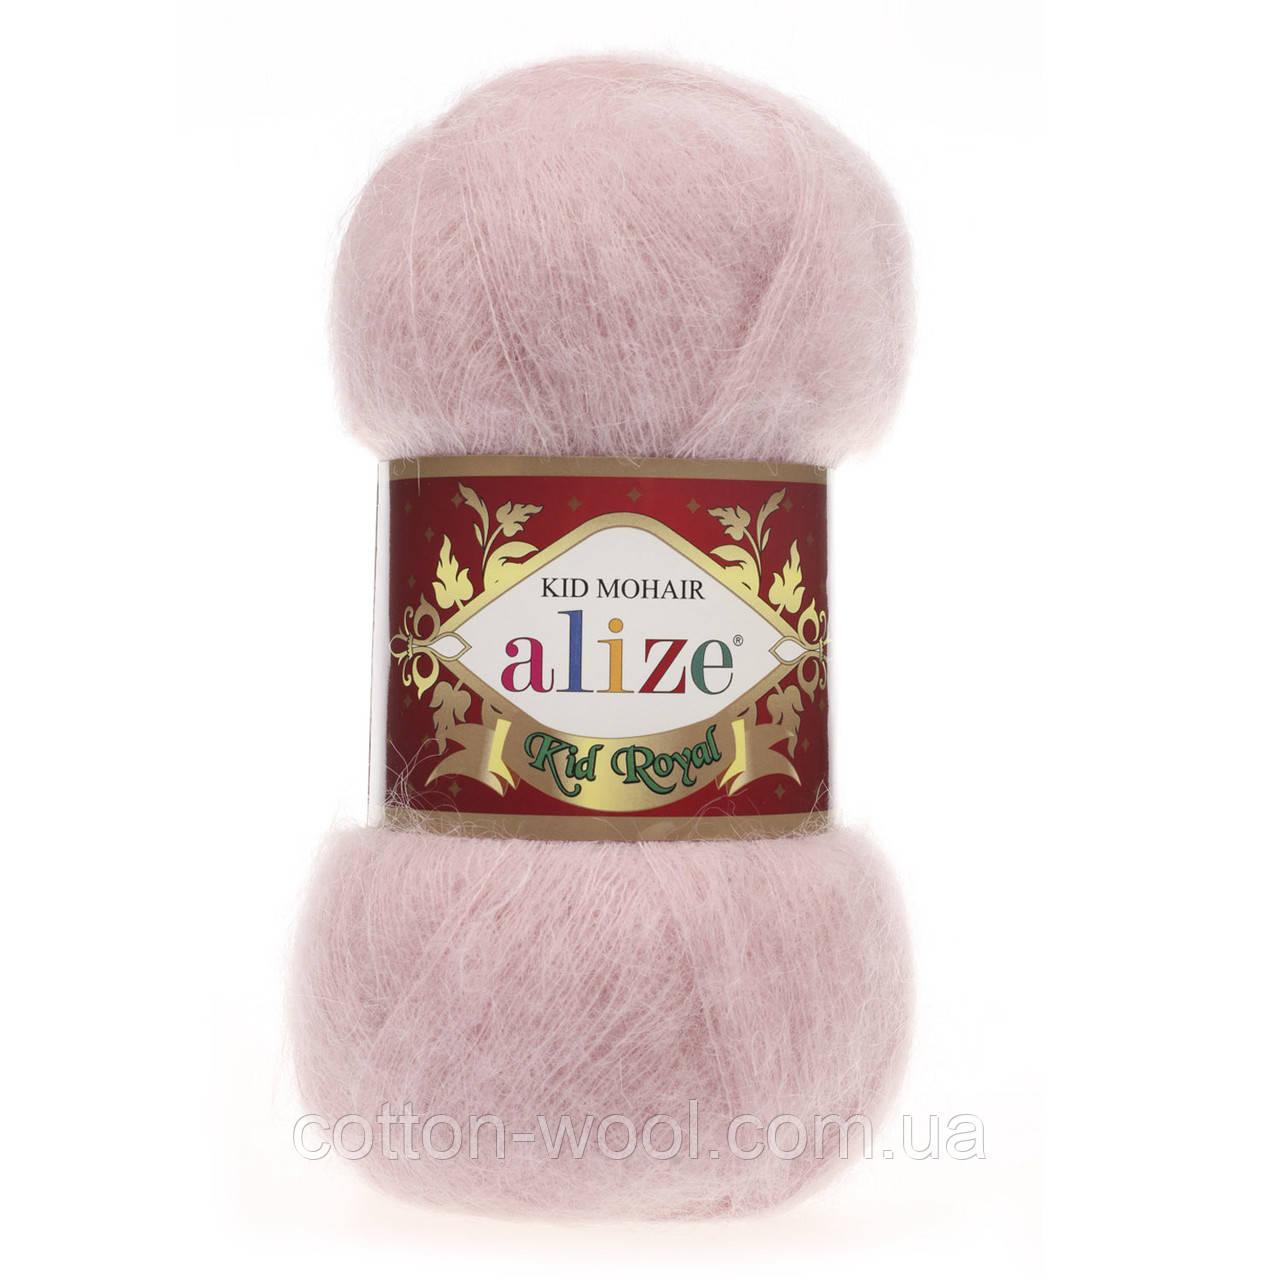 Alize Kid Royal 50 (Ализе Кид роял)  161  62% кид мохер - 38% полиамид